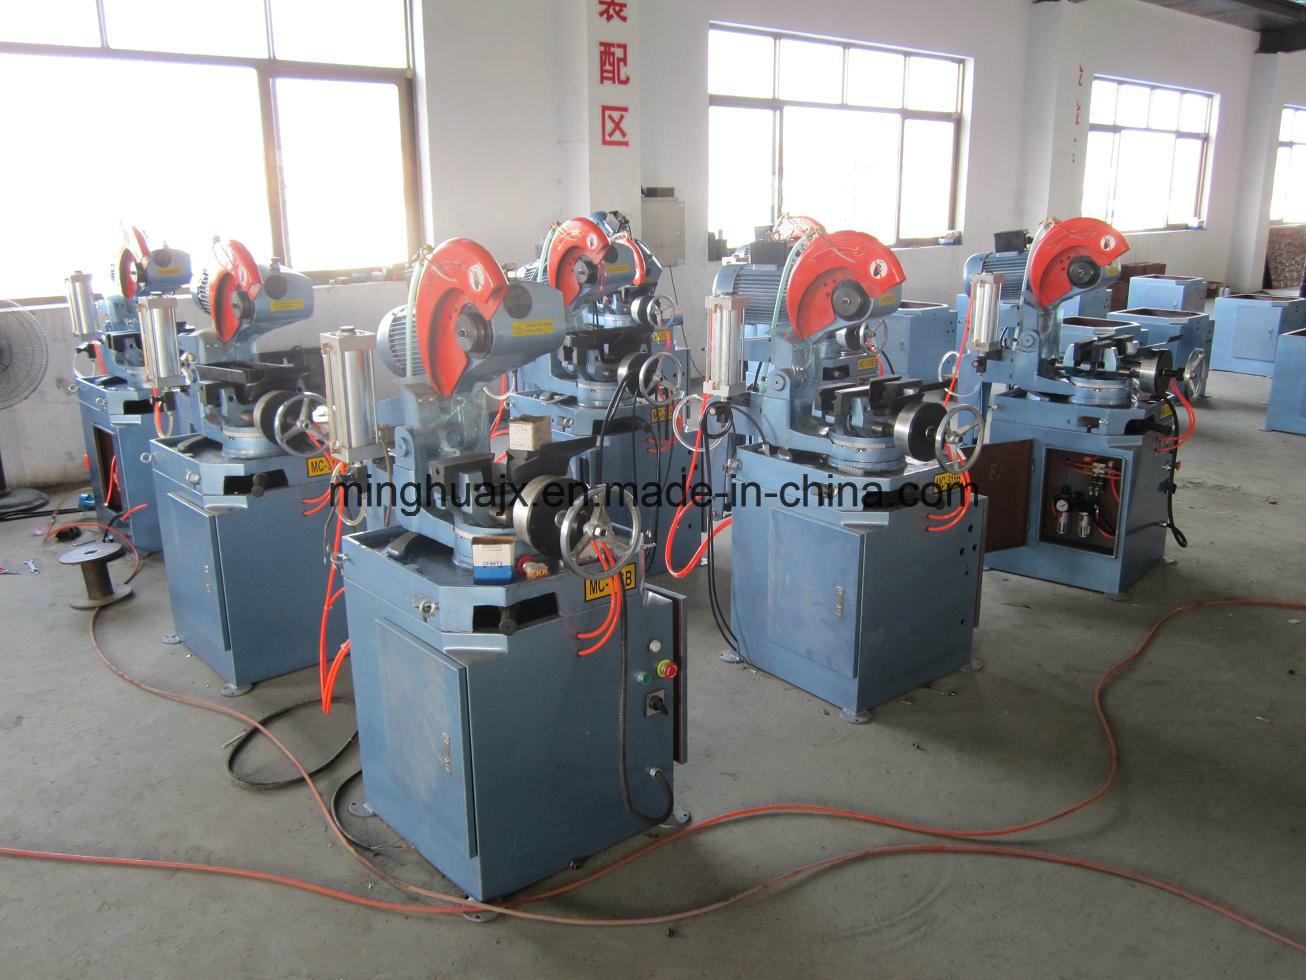 Factory Hot Sale Pipe Cutting Machine Mc-315A